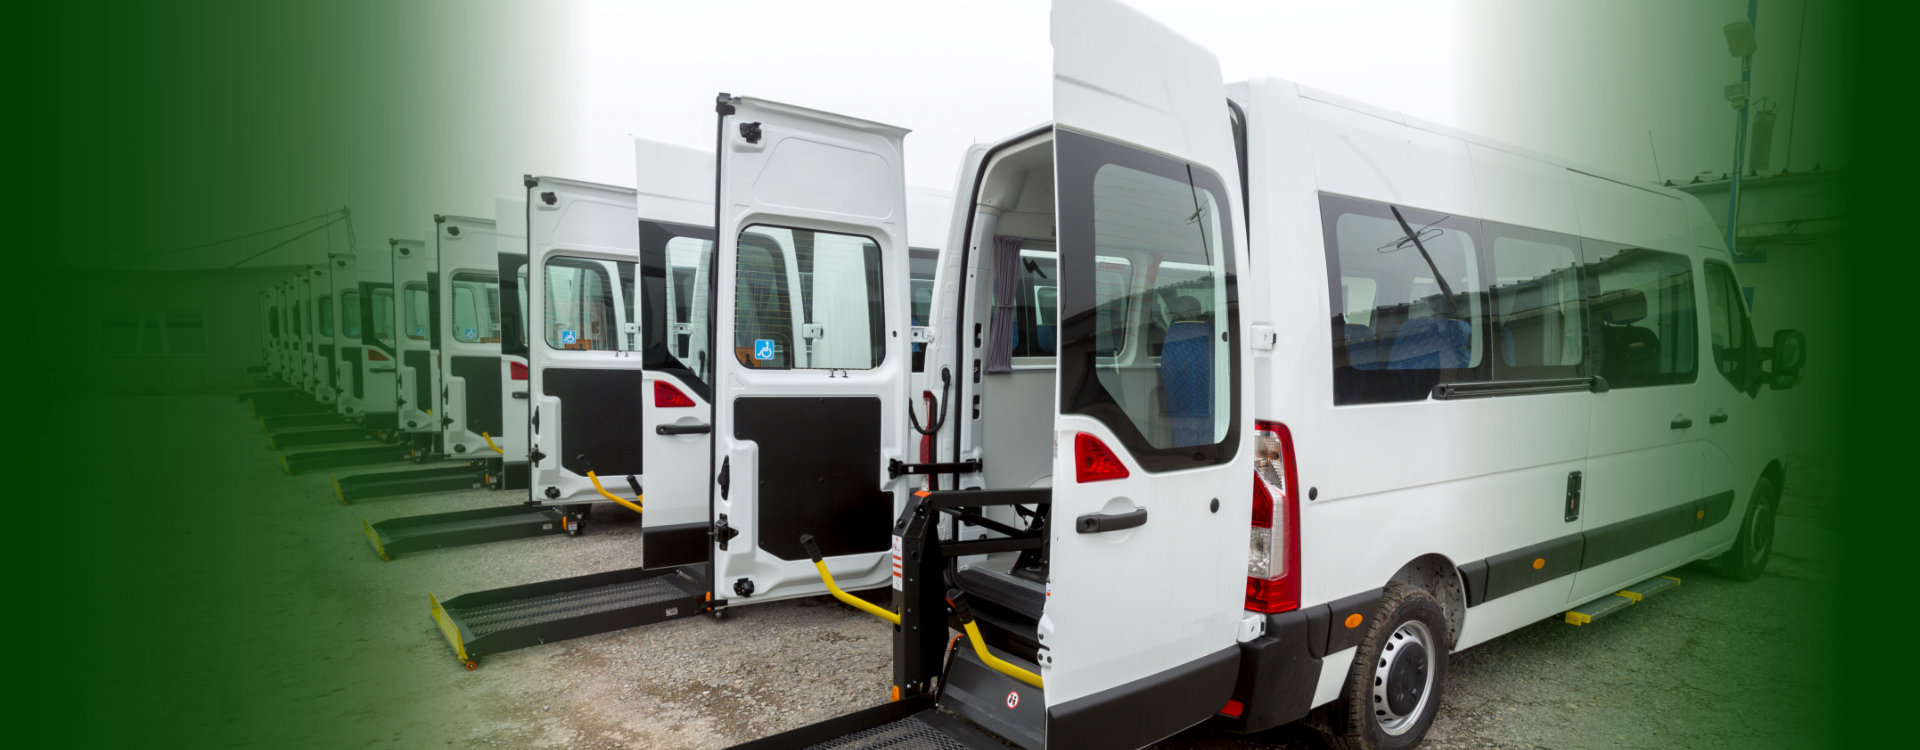 transportation vans